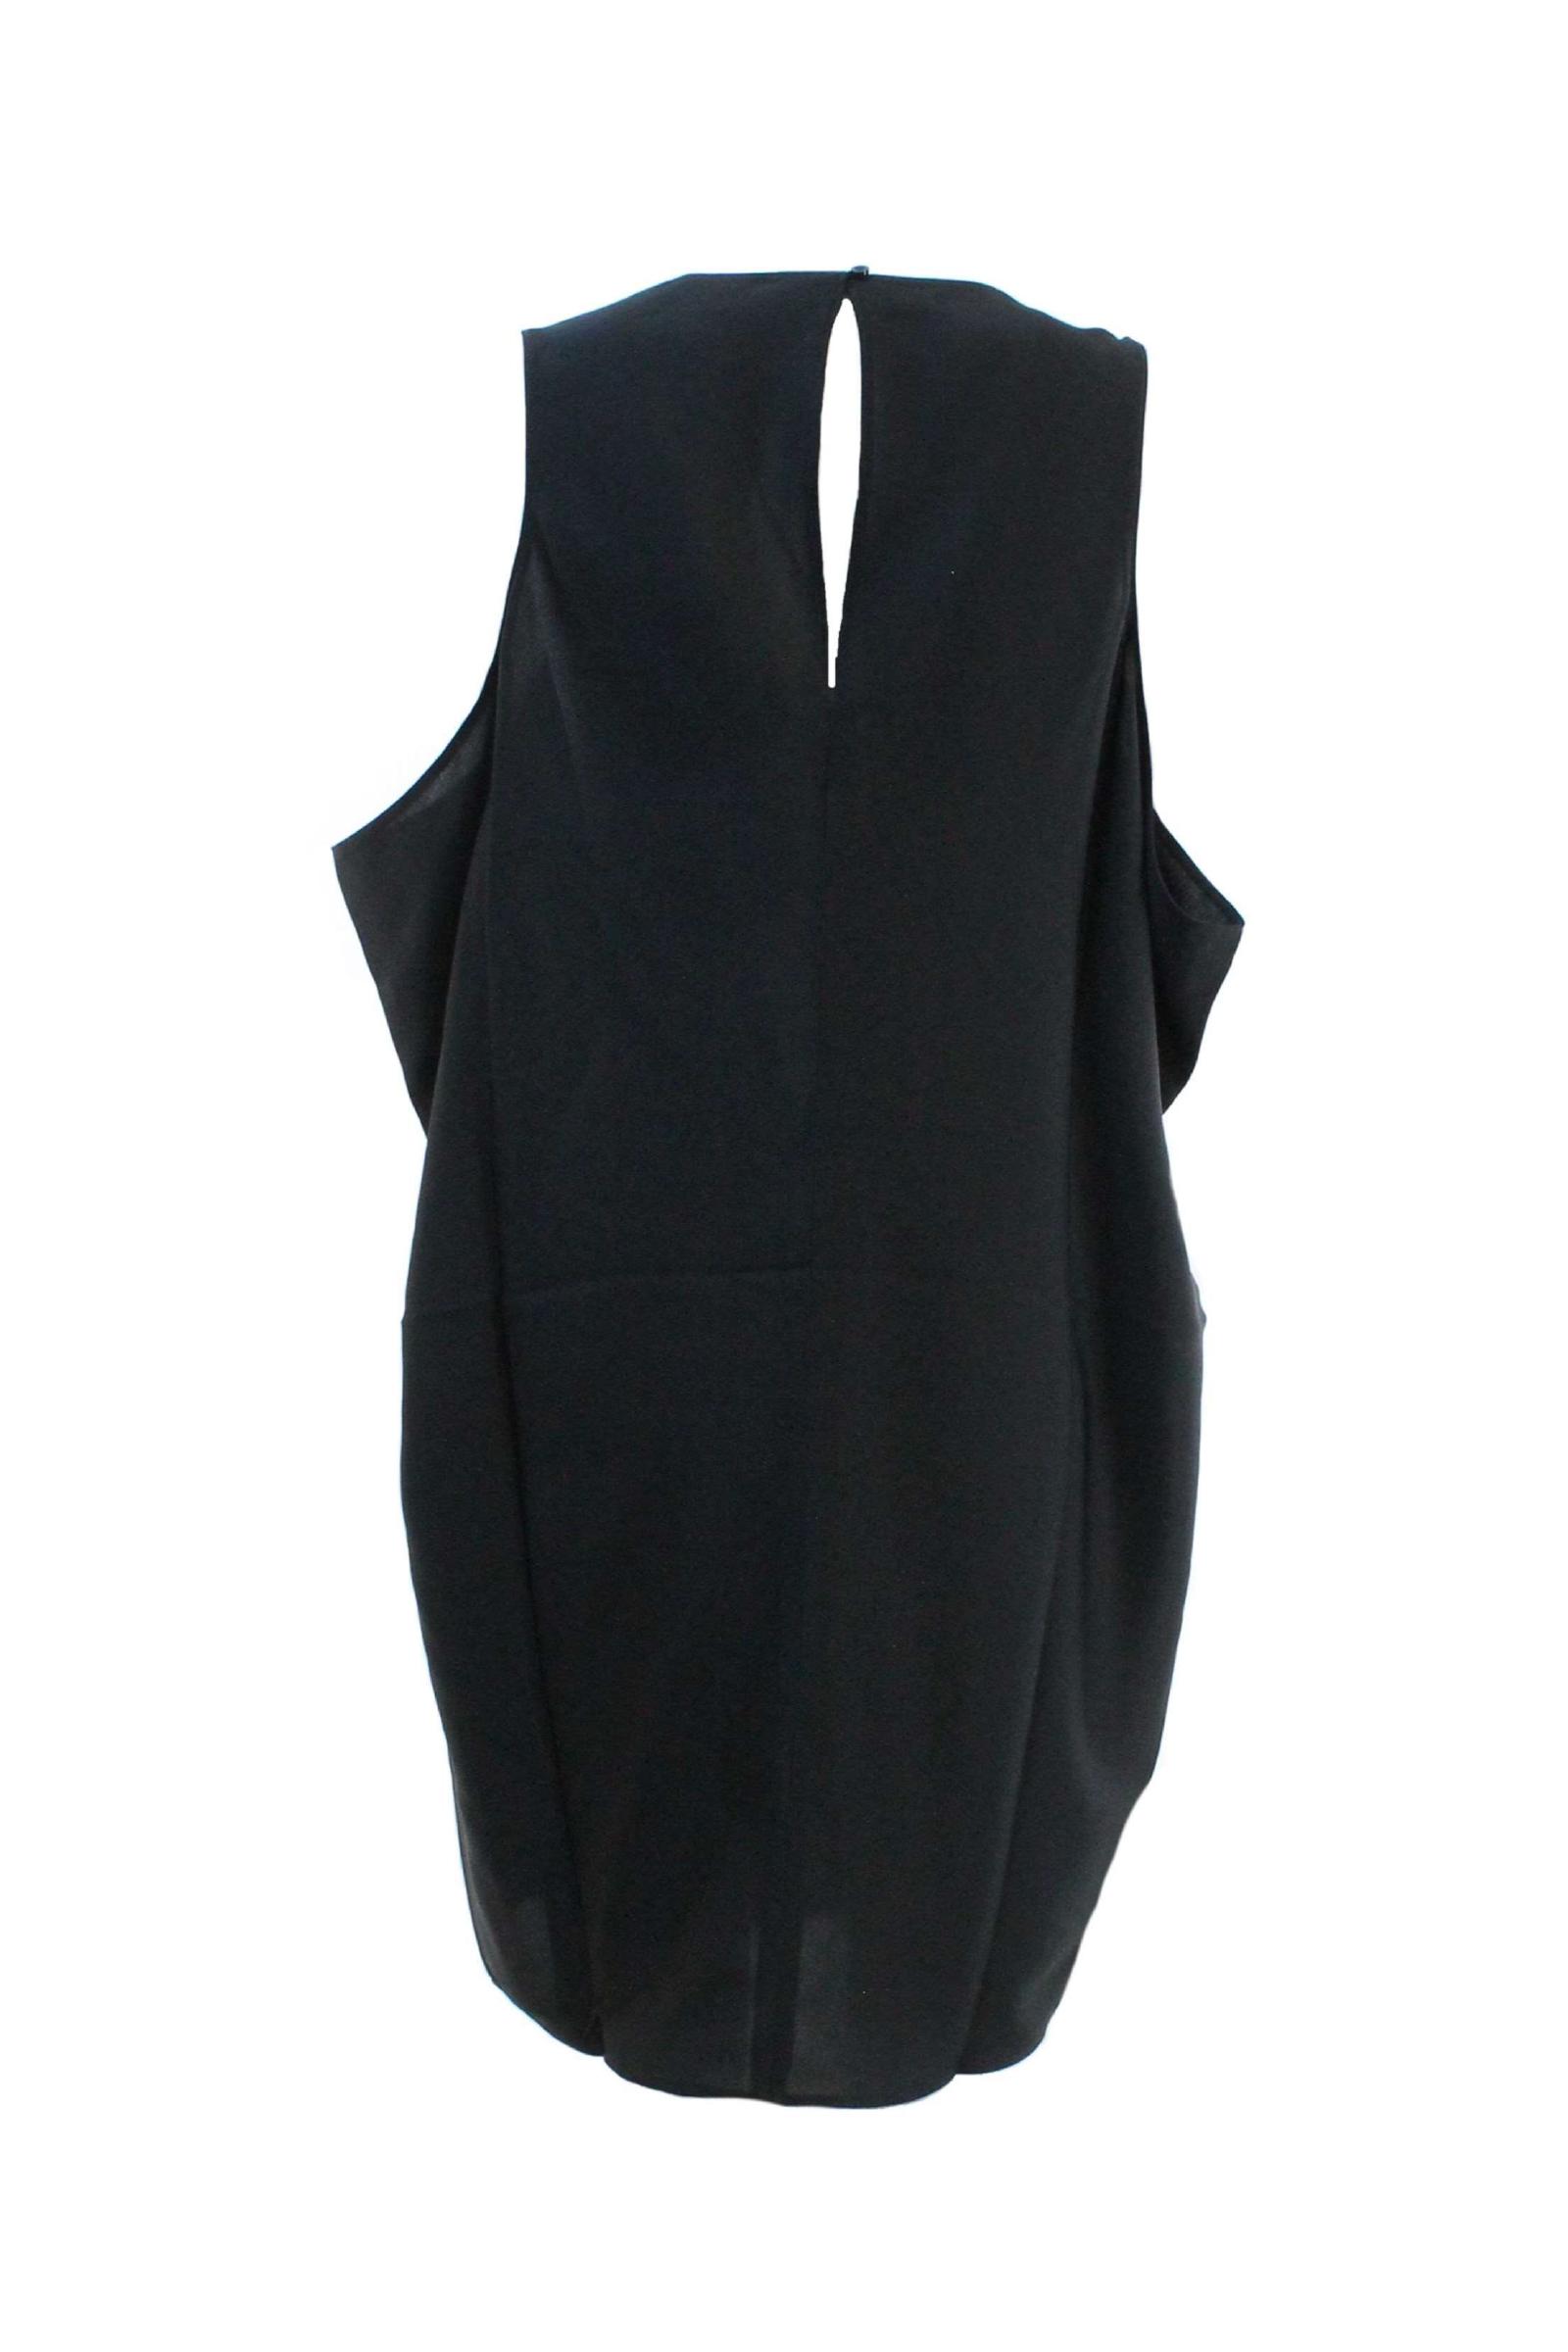 ARMANI EXCHANGE Women's Dress ARMANI EXCHANGE | Dress | 3KYA01 YNLTZ1200